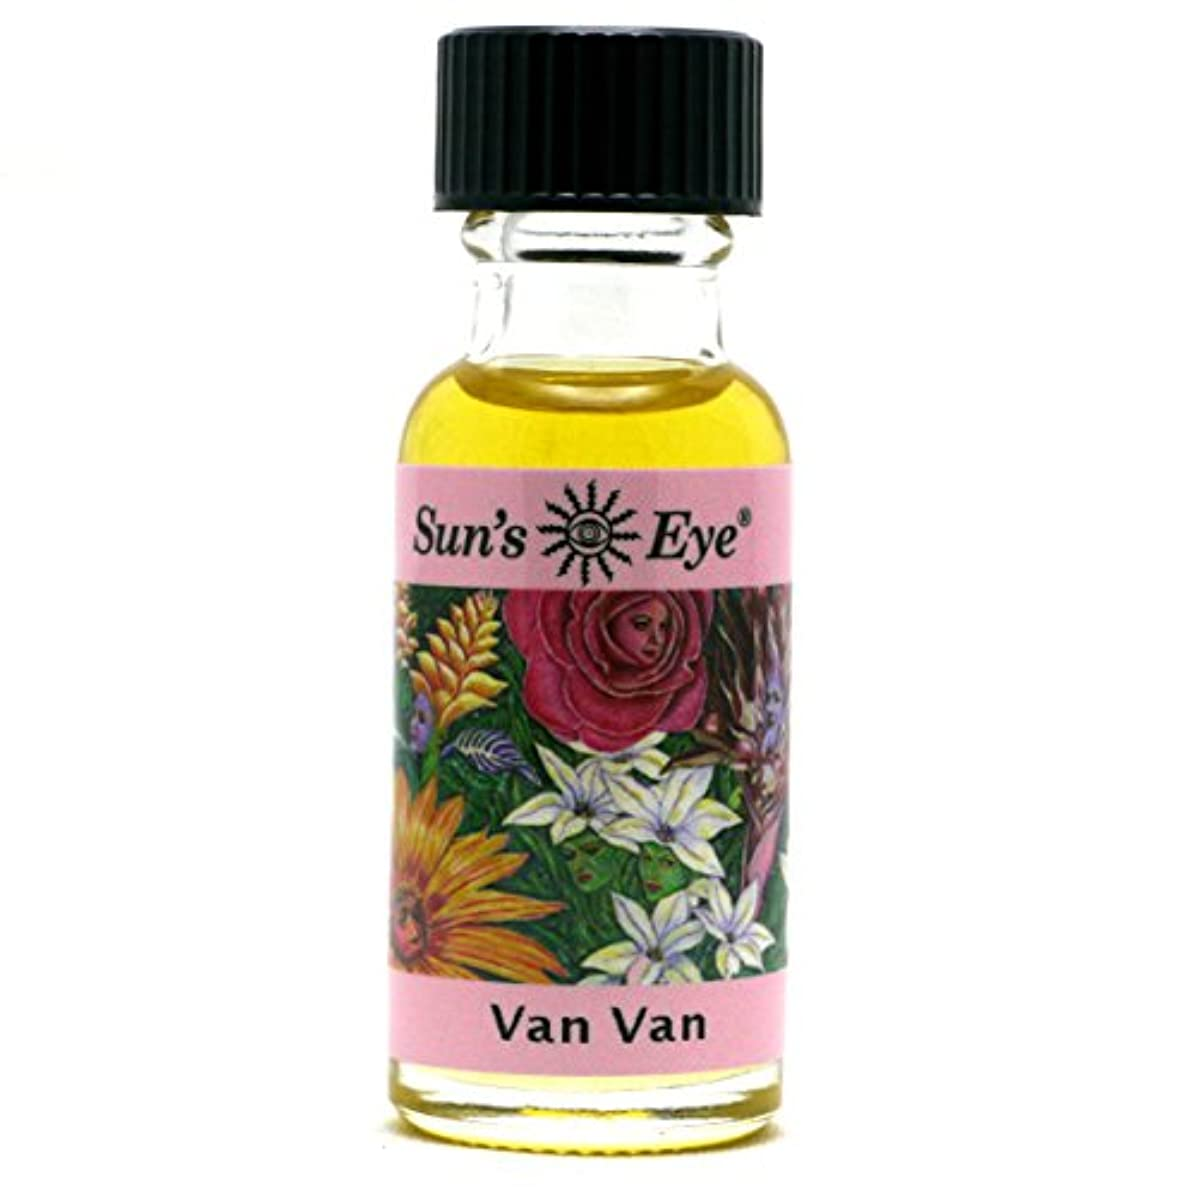 想像する栄光哺乳類【Sun'sEye サンズアイ】Specialty Oils(スペシャリティオイル)Van Van(ヴァンヴァン)浄化と成功